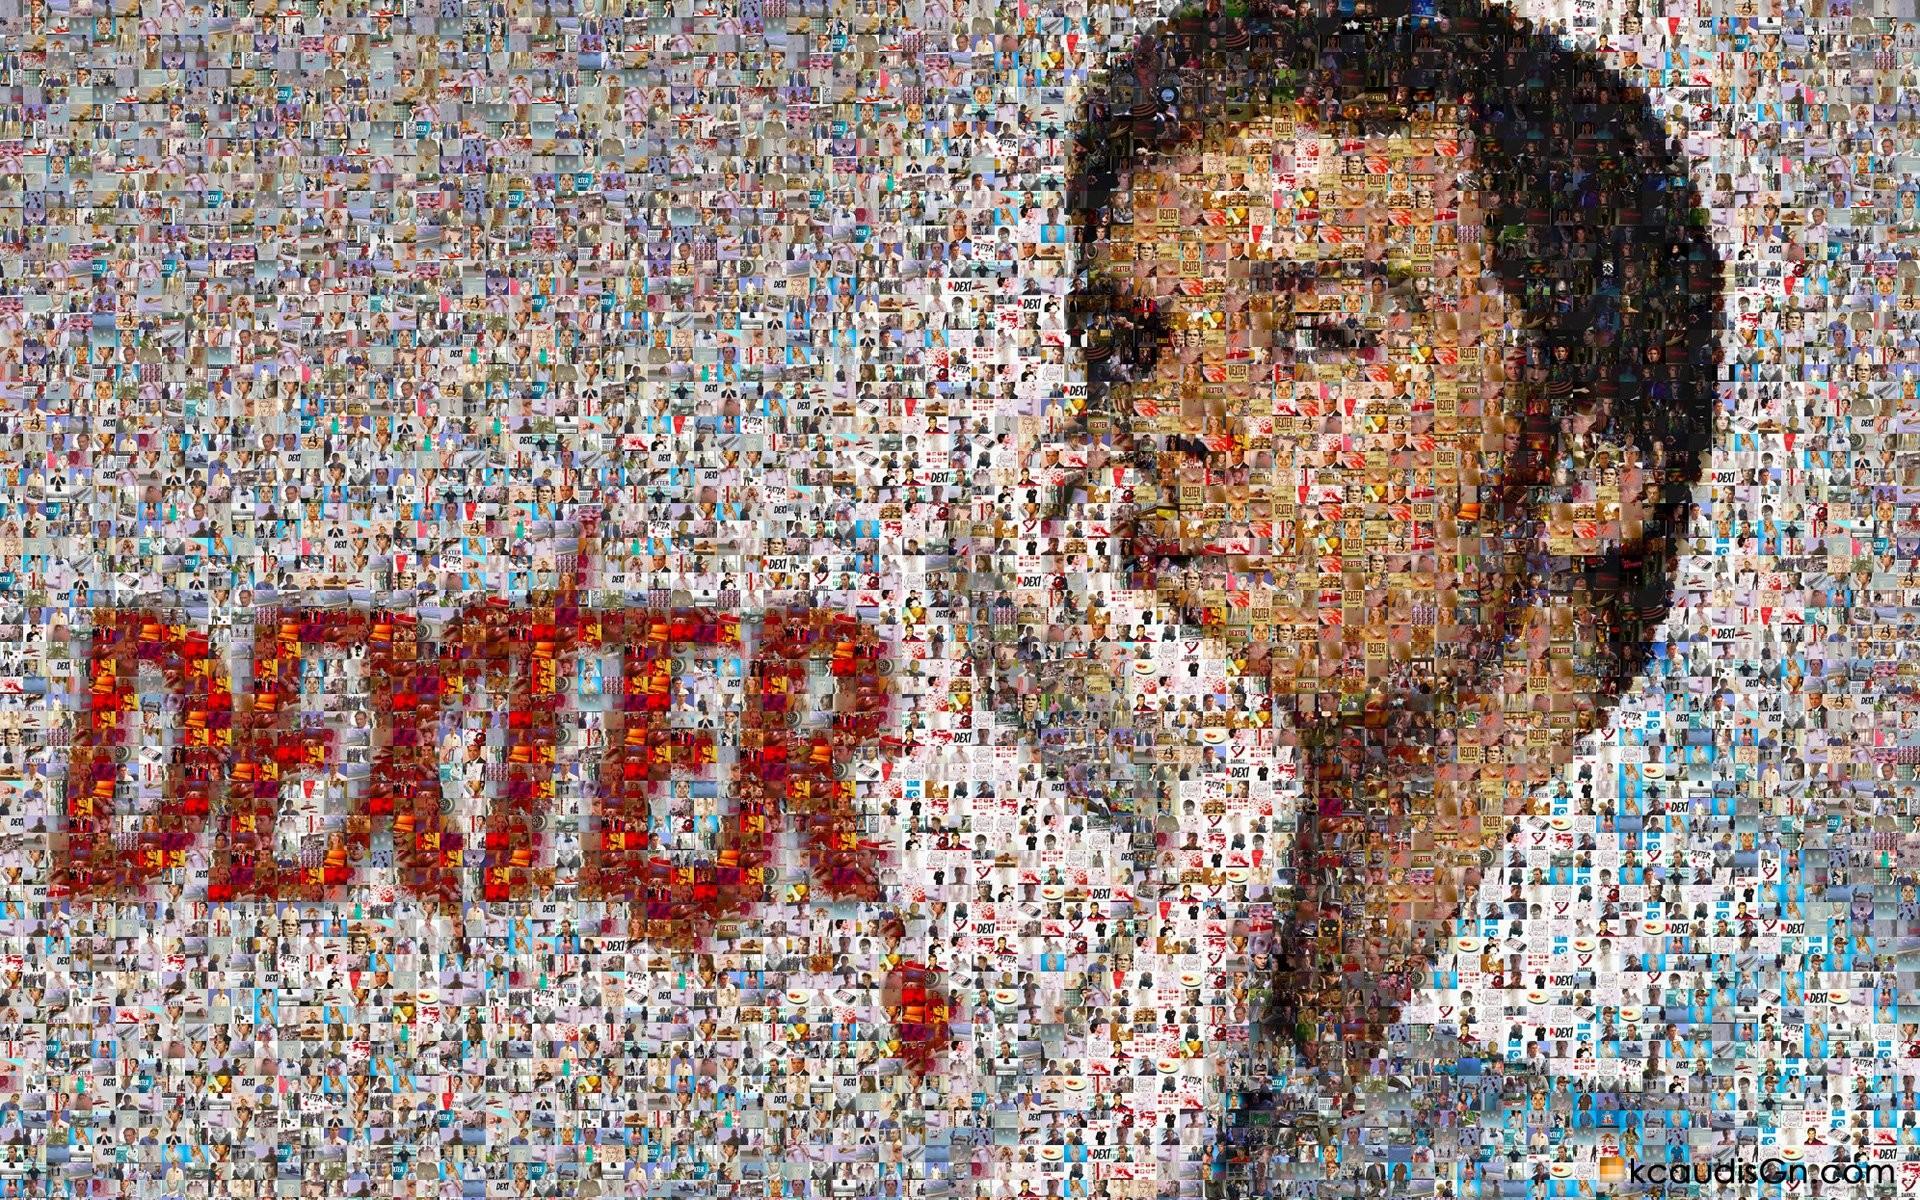 Dexter 685889